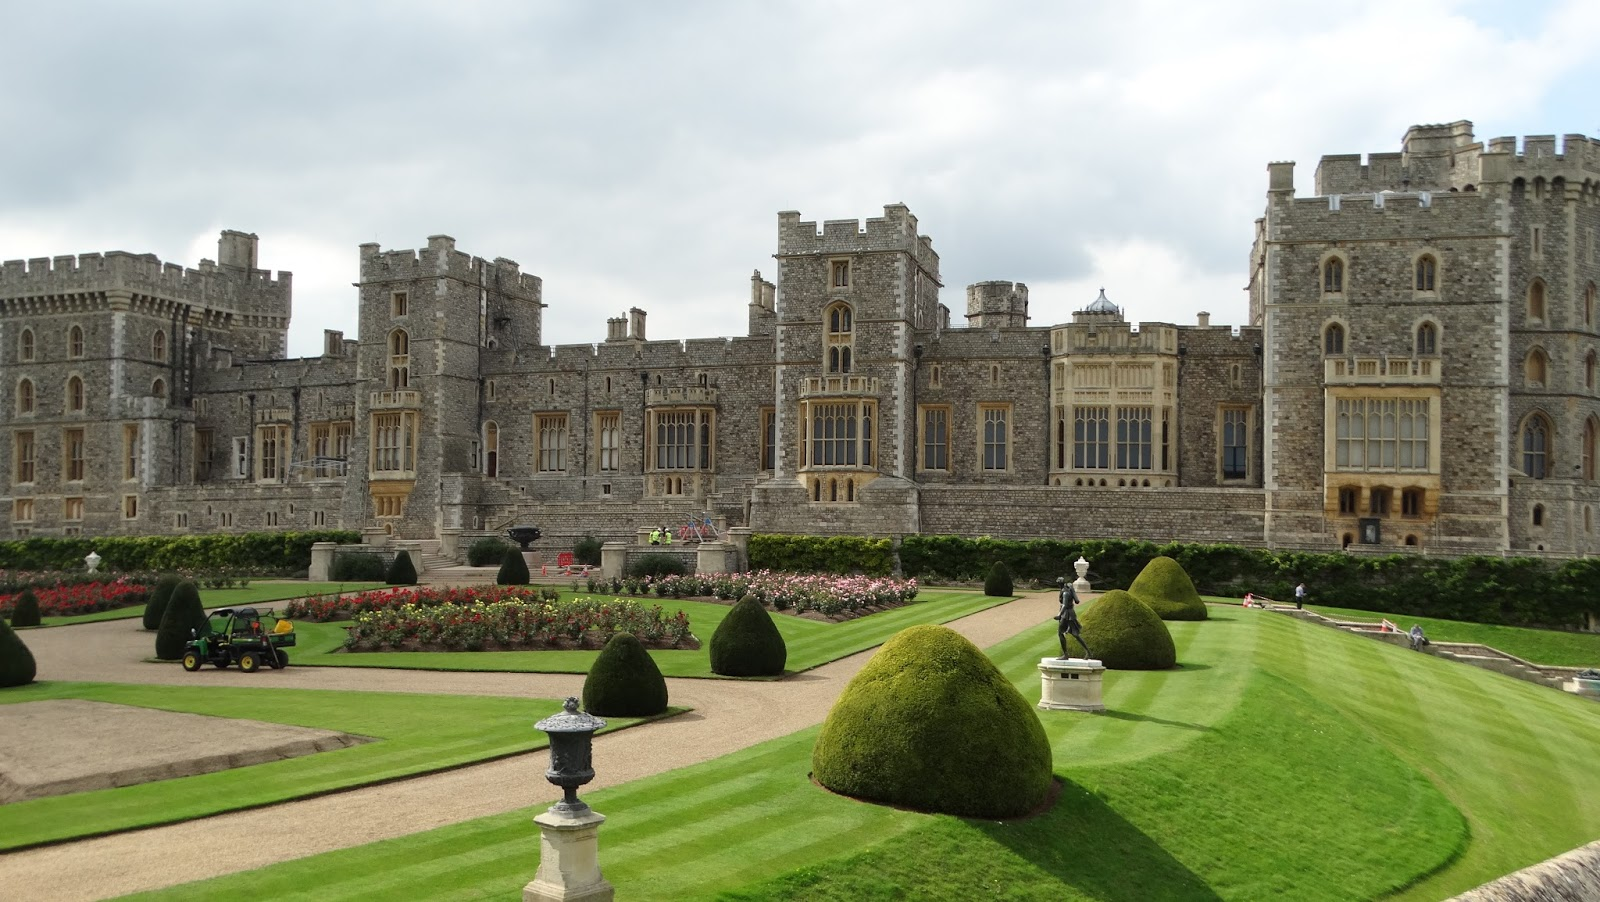 #4D681D Viajando e Viajando : Visitando o Windsor Castle na Inglaterra 1600x902 px Banheiro Windsor 1593